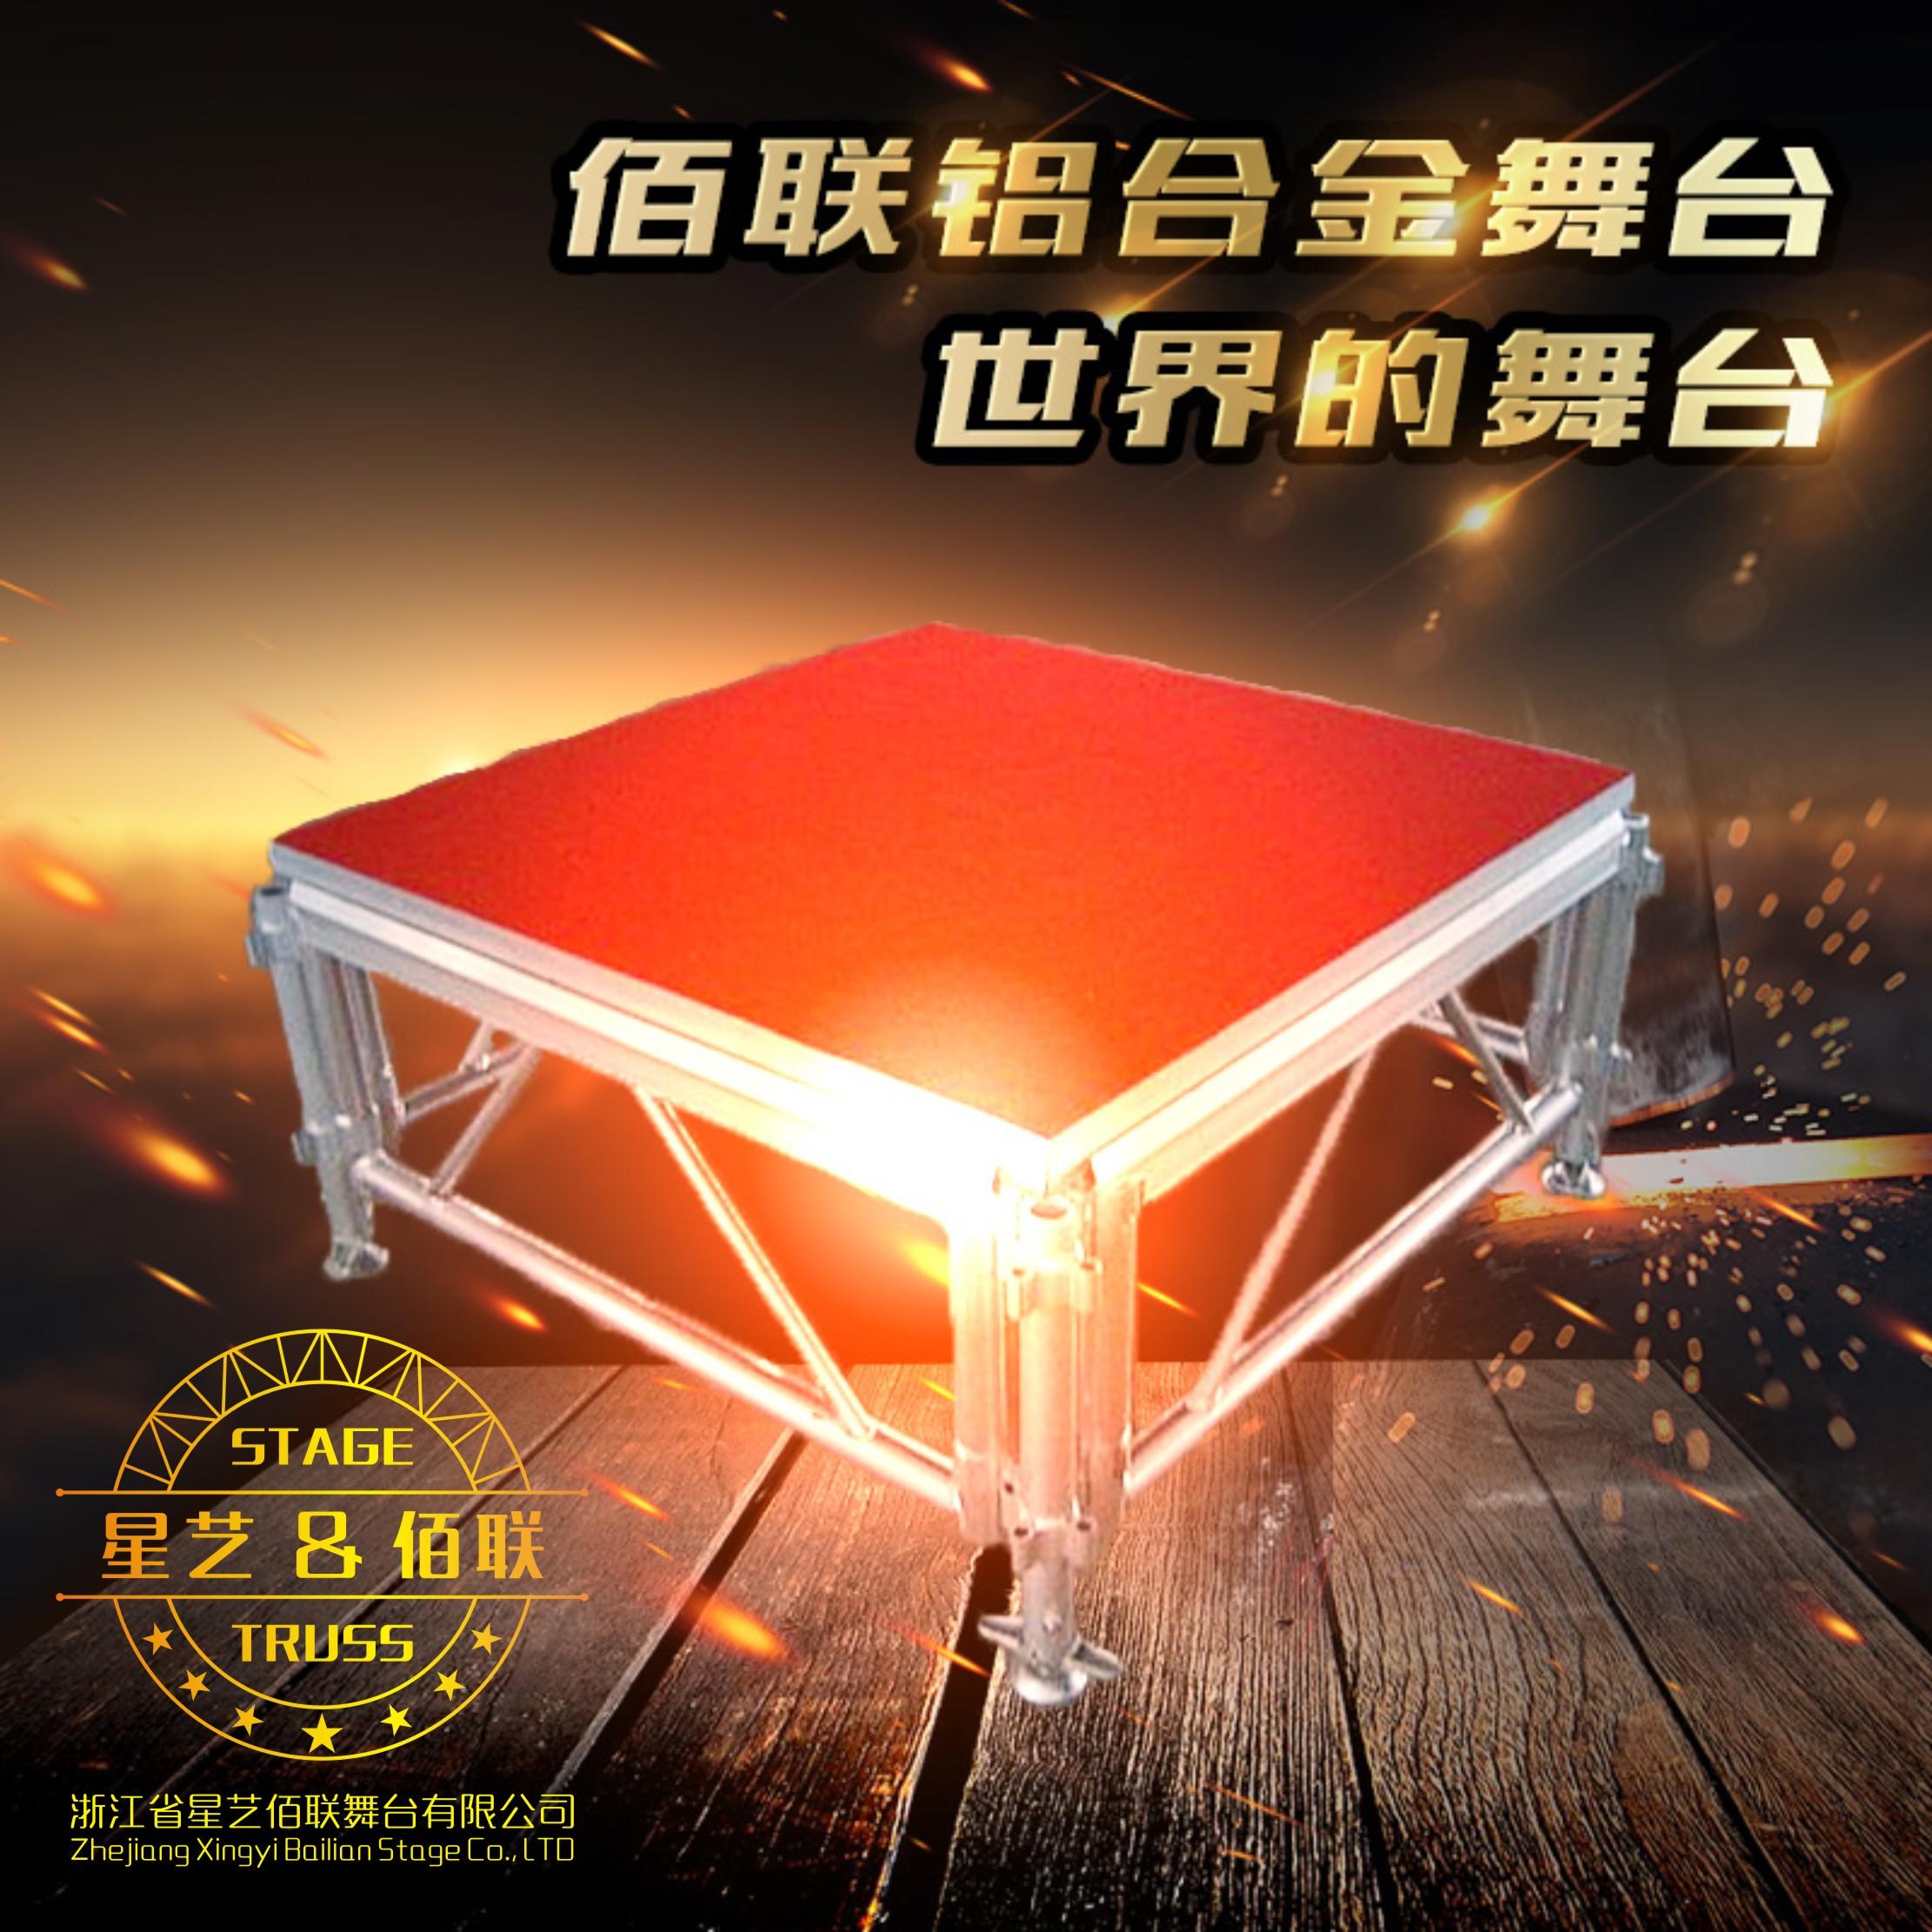 宁波舞台 铝合金舞台 升降舞台